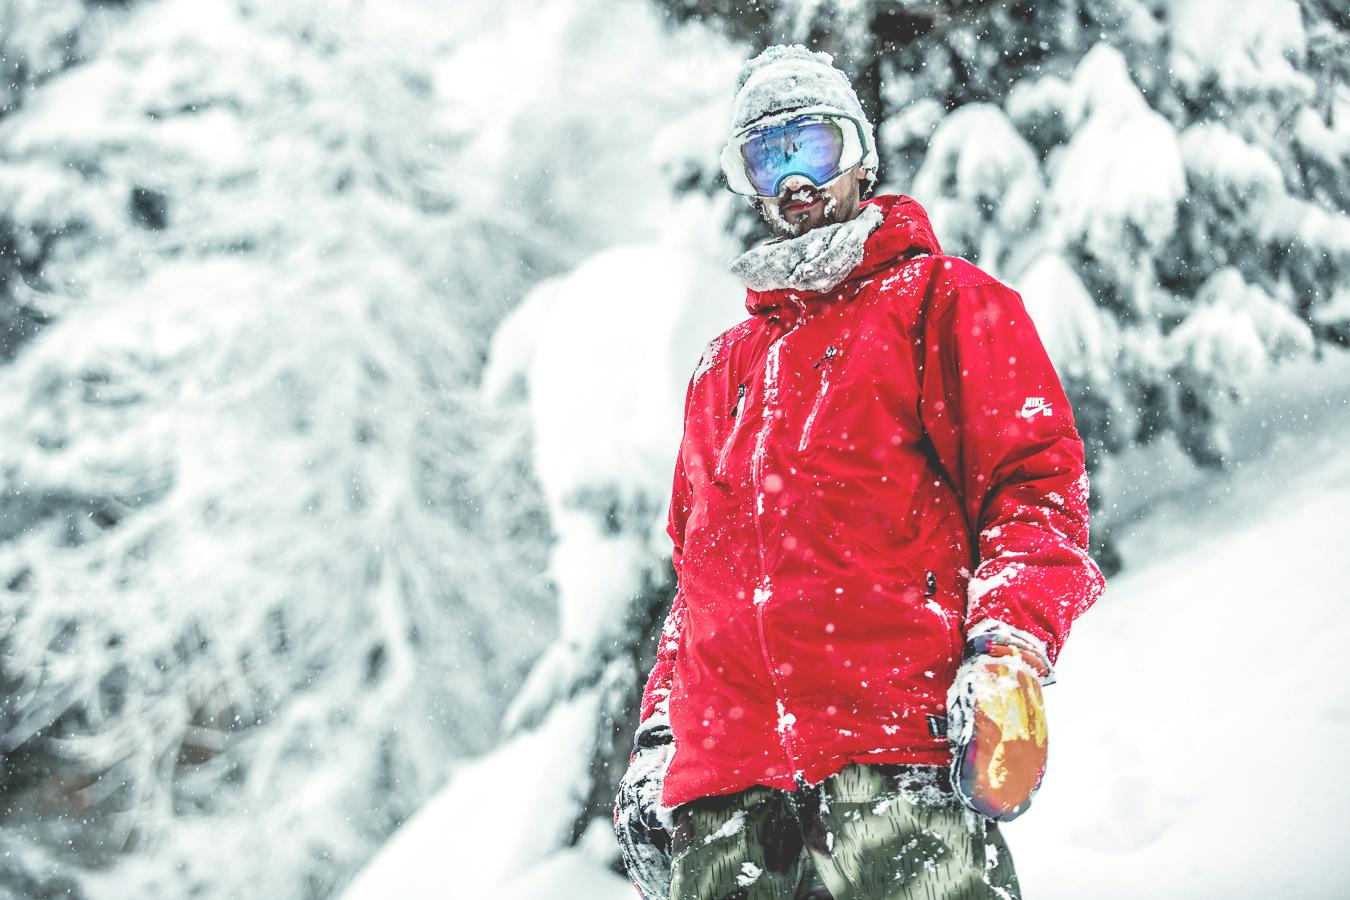 NicolasMüller_Powder_Snowboard_SilvanoZeiter_2.jpg